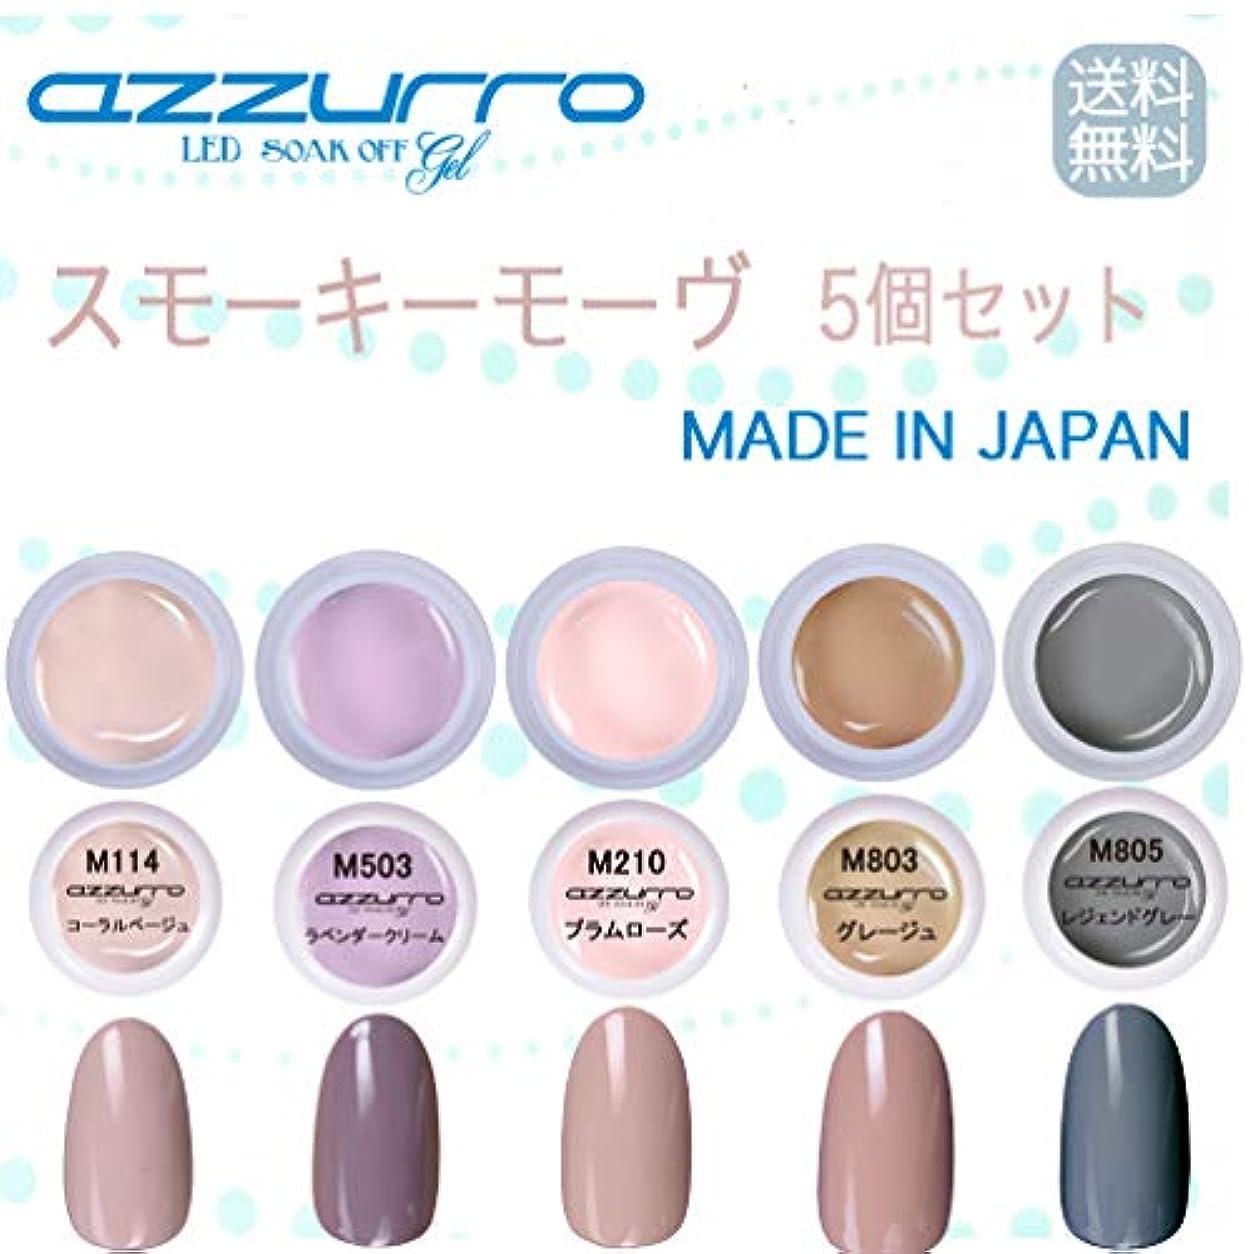 アシスタント満了重なる【送料無料】日本製 azzurro gel スモーキーモーヴカラージェル5個セット 春色にもかかせないとスモーキーなモーヴカラー